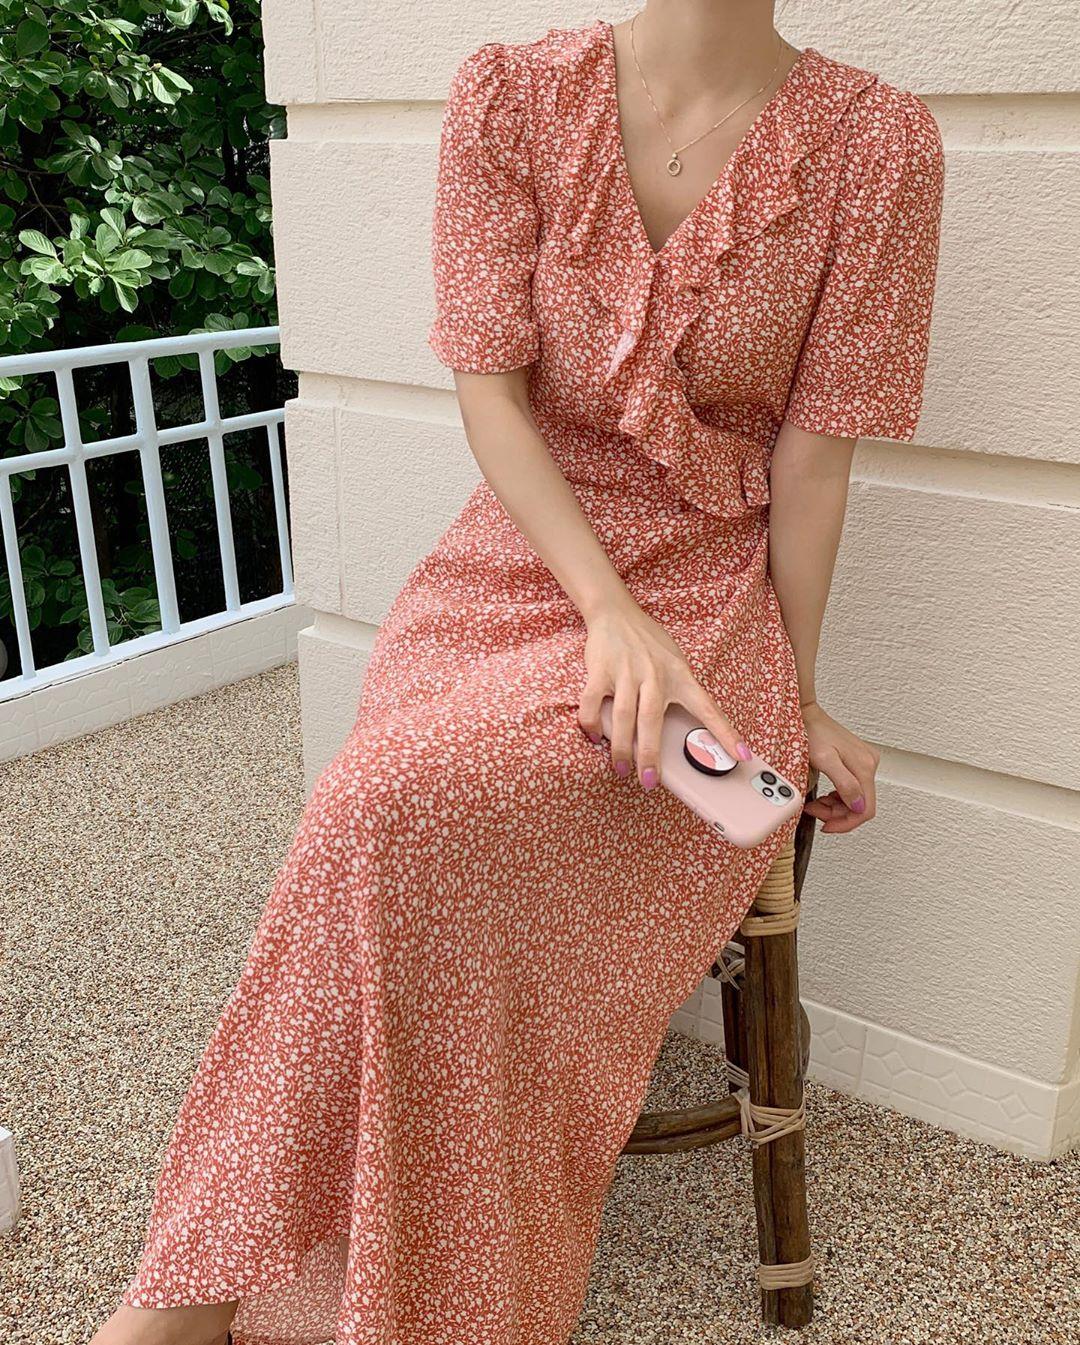 Sáng suốt nhất là tậu hết 5 mẫu váy hot trường tồn với thời gian sau đây, mặc chỉ xịn đẹp trở lên chứ không kém - Ảnh 3.